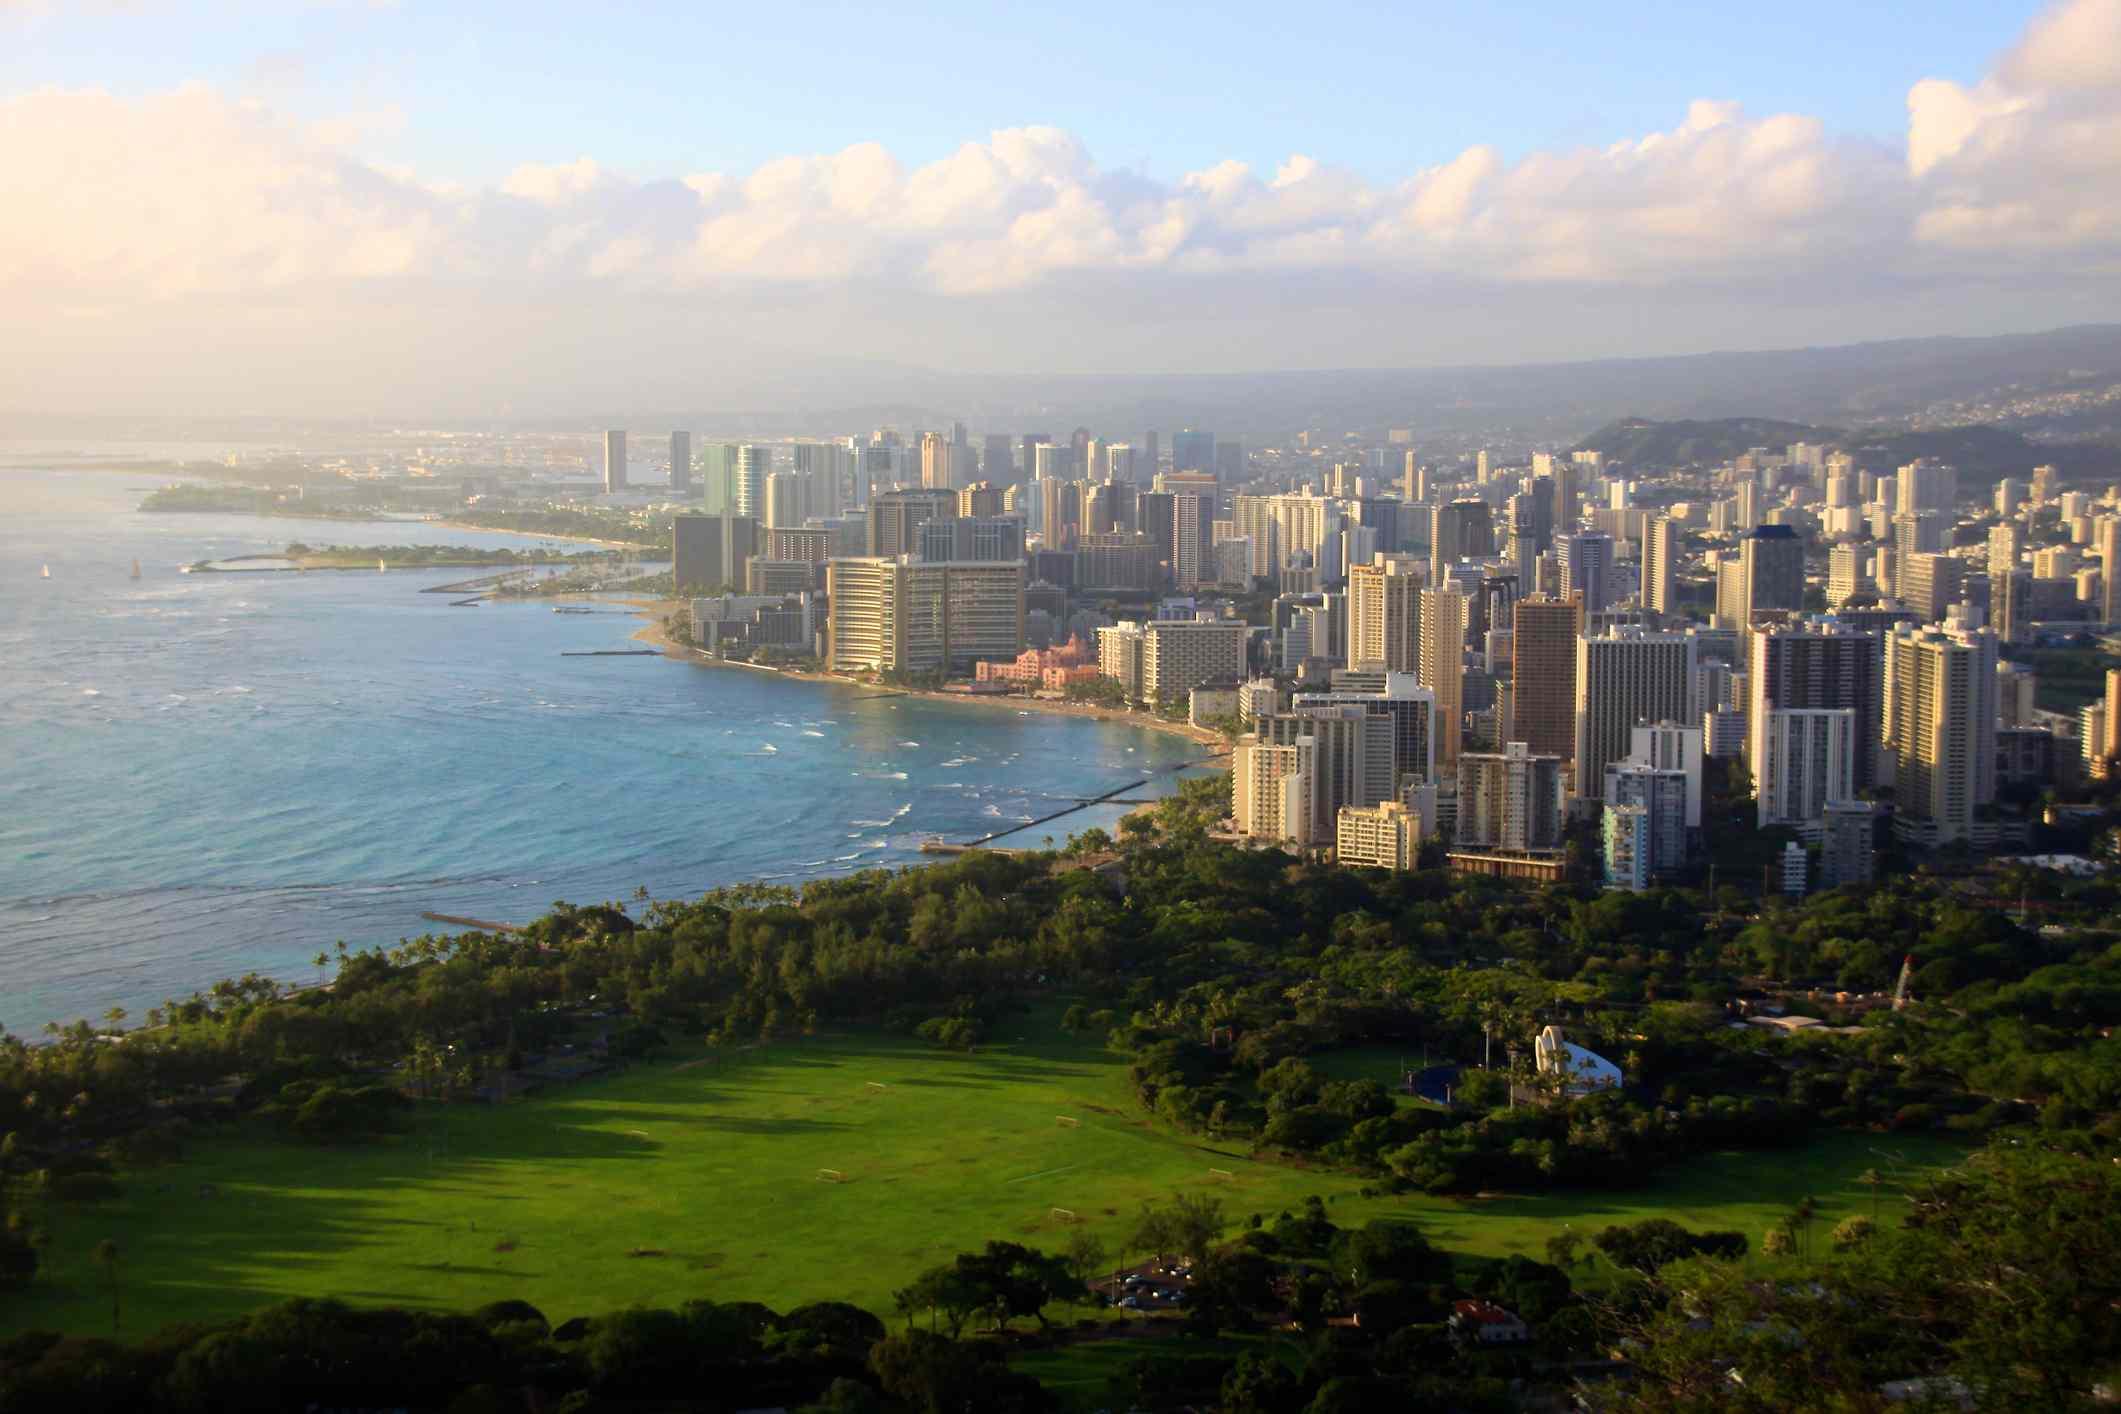 Waikiki, Honolulu skyline in Hawaii